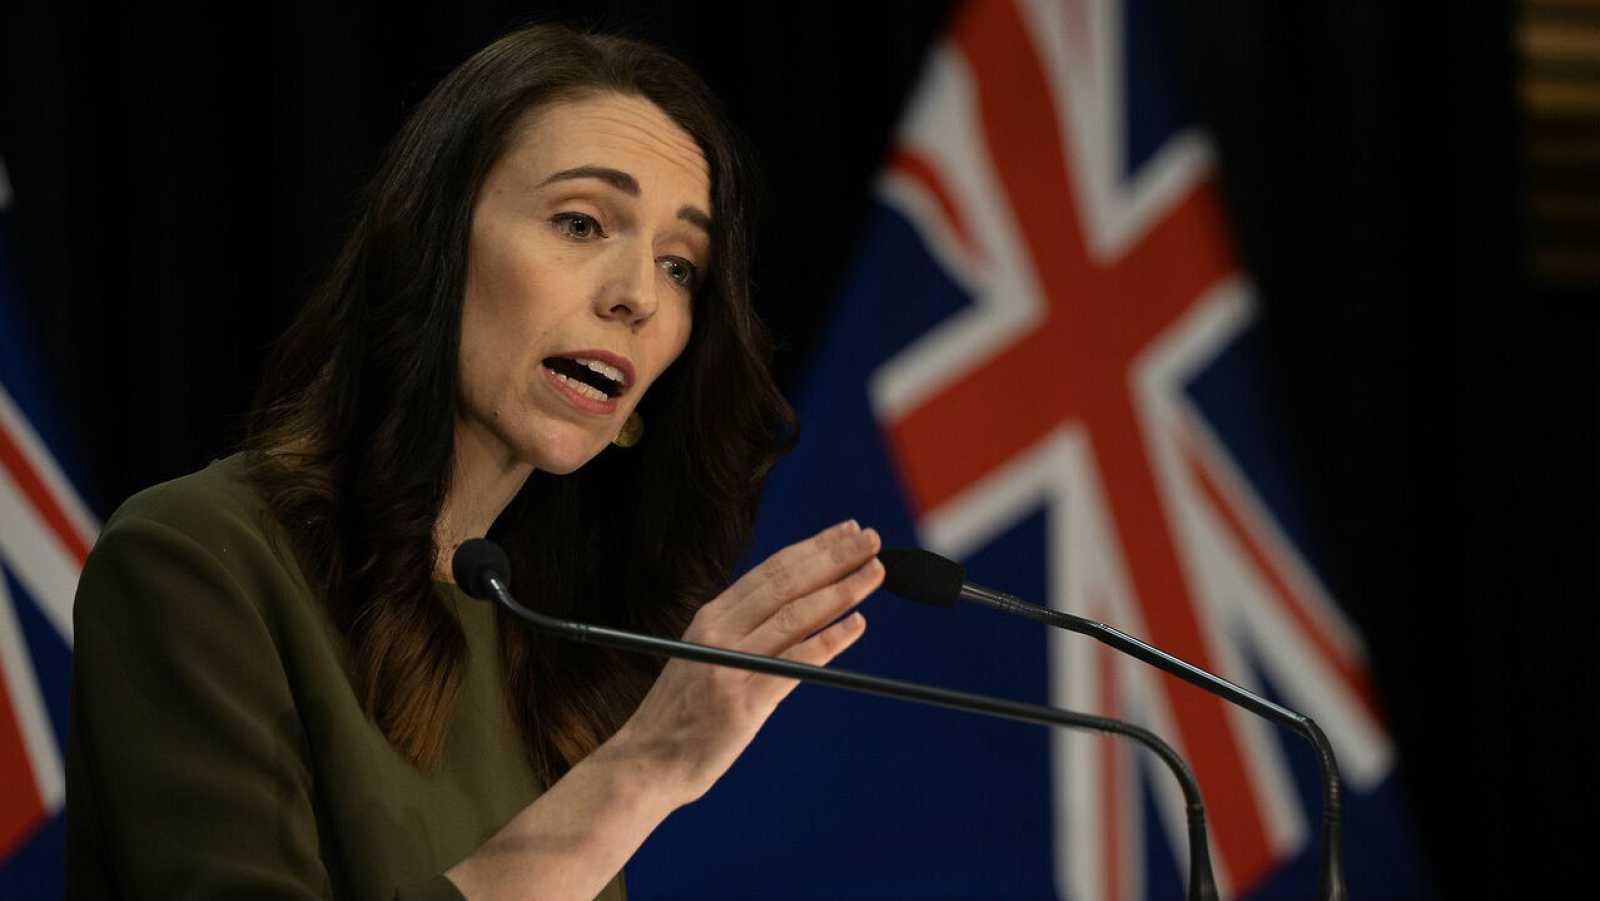 La primera ministra de Nueva Zelanda, Jacinda Ardern, habla con los medios de comunicación sobre el cambio de la fecha de las elecciones generales de 2020 por un rebrote de coronavirus.